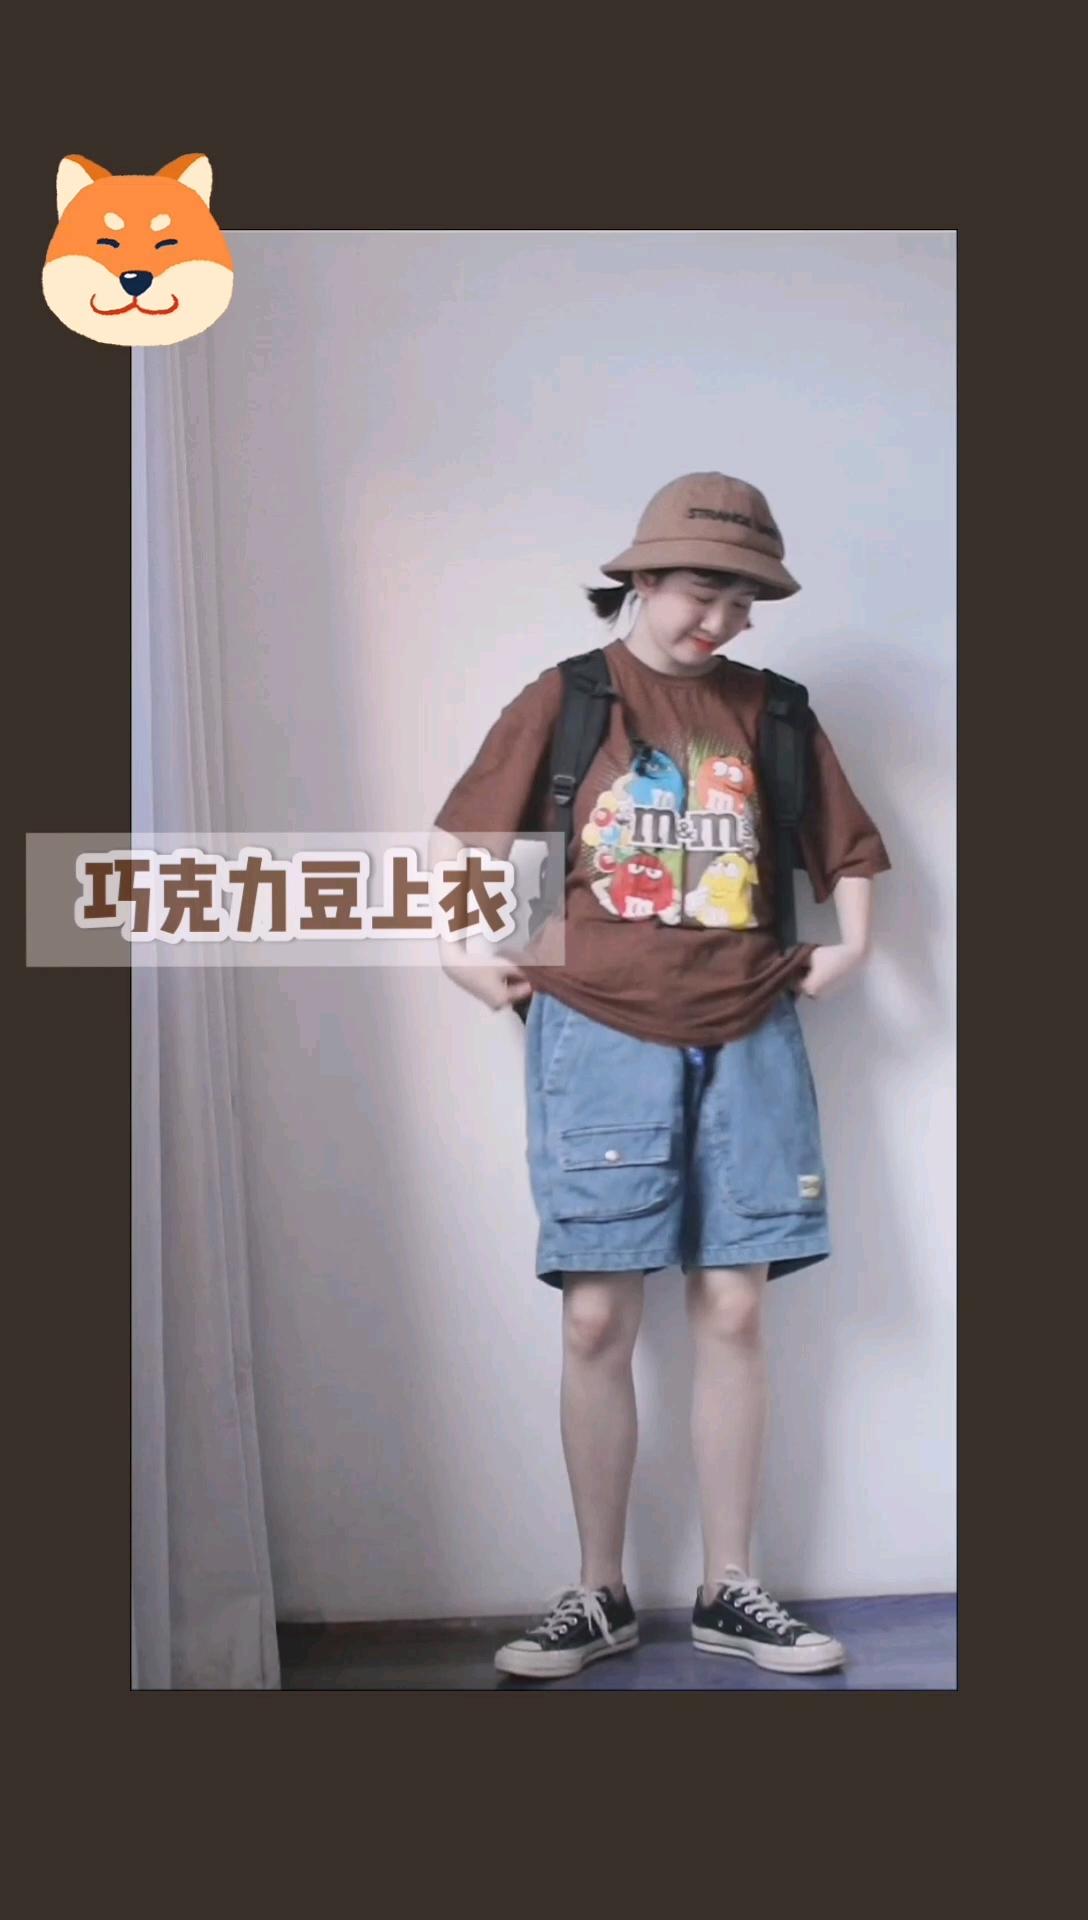 #2019早秋流行,我带你追!#巧克力色t恤搭配工装短裤 棕色渔夫帽和t恤相呼应 配上工装双肩包,布鞋,日系工装小可爱就是你